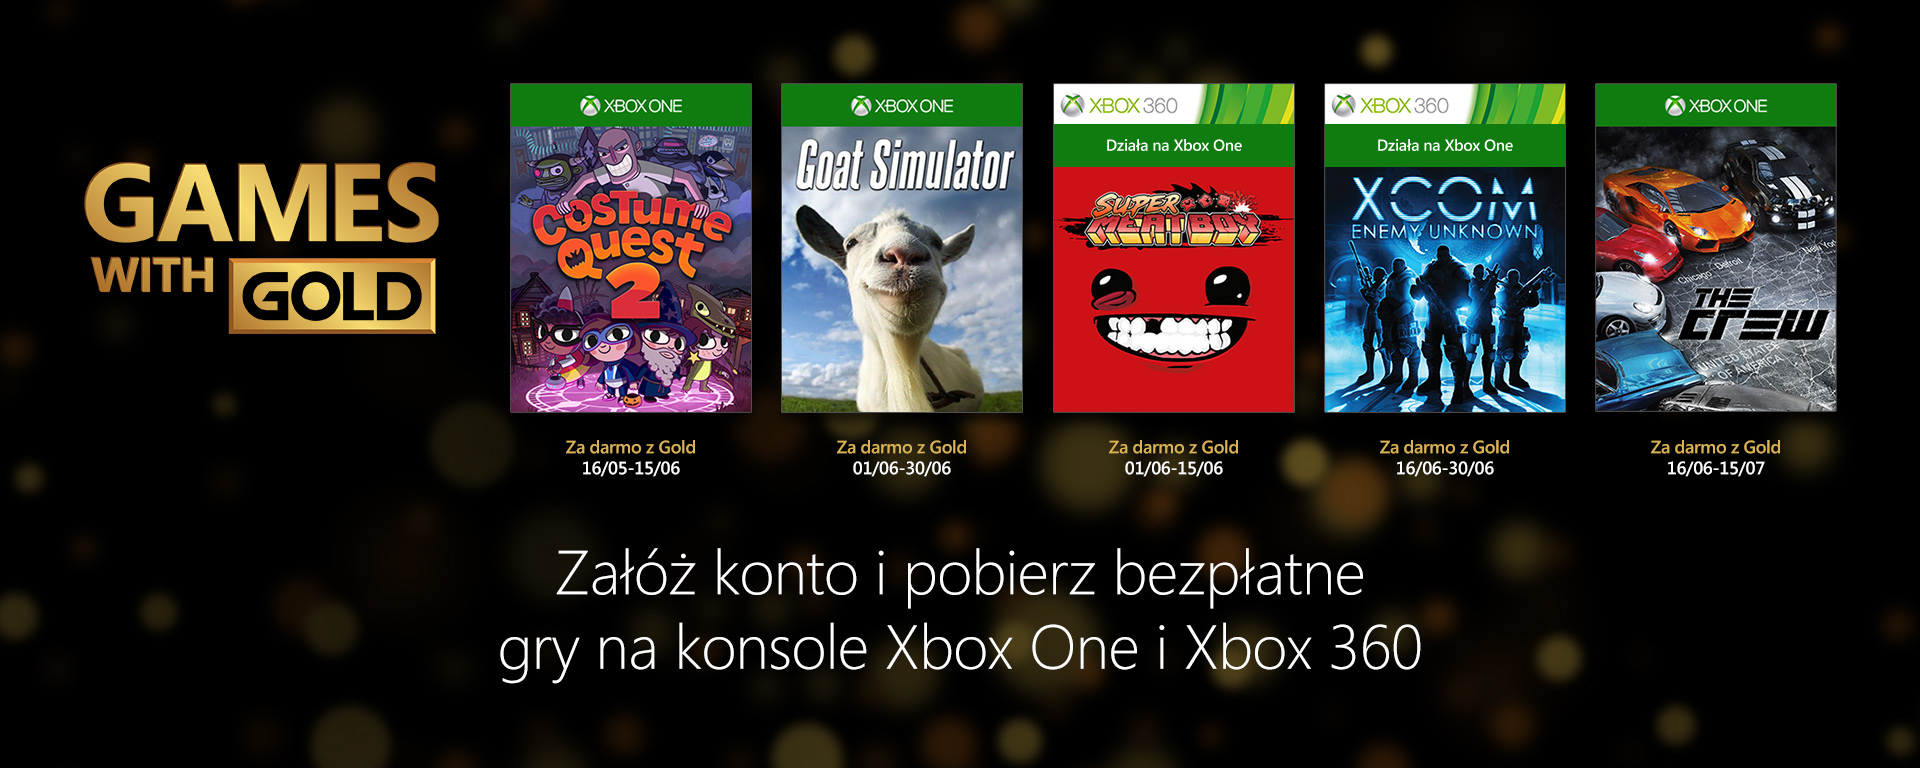 Gry Na Konsolę Xbox 360